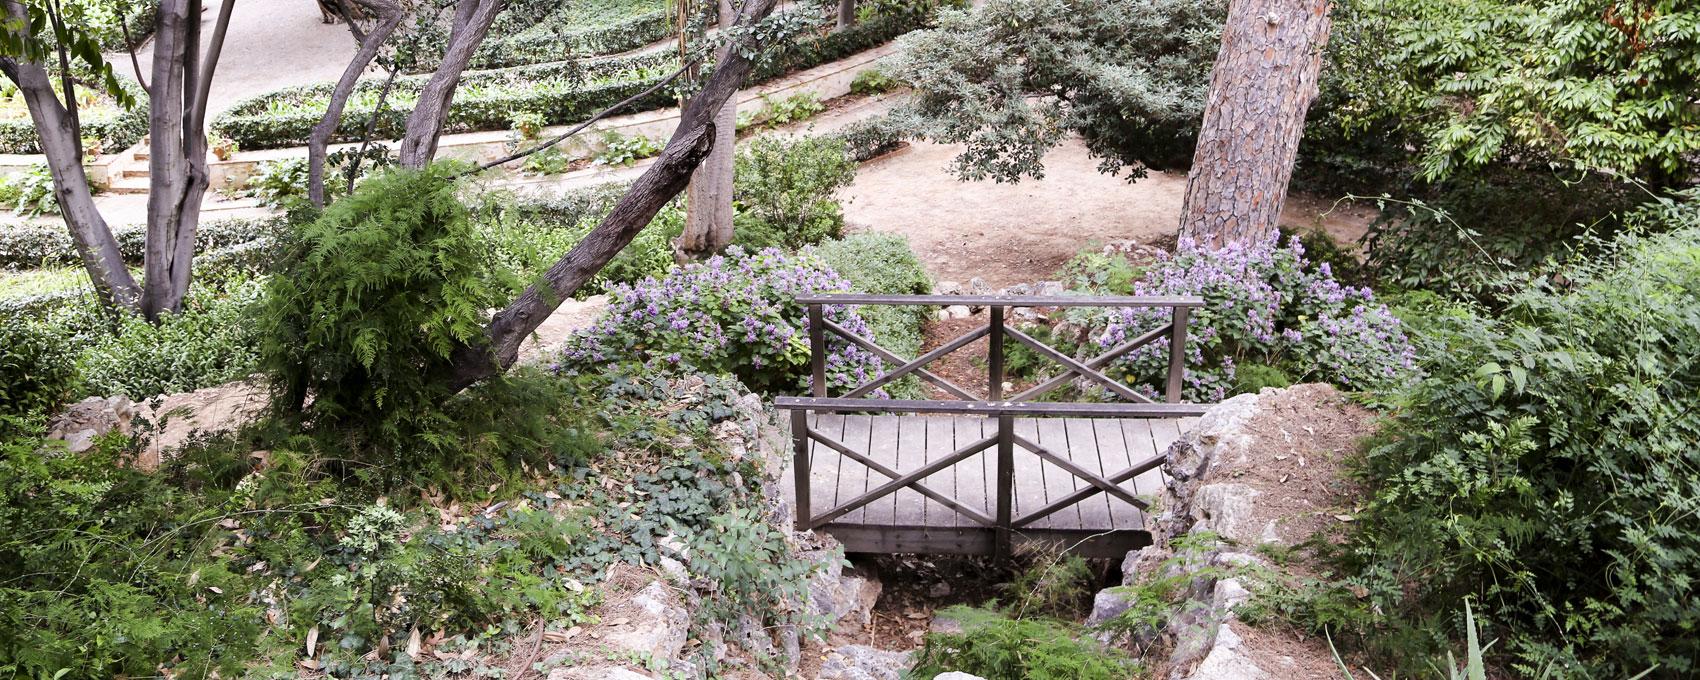 Puente de madera sobre la Gruta situada la pie de la montaña en la parte que enfrenta al estanque.